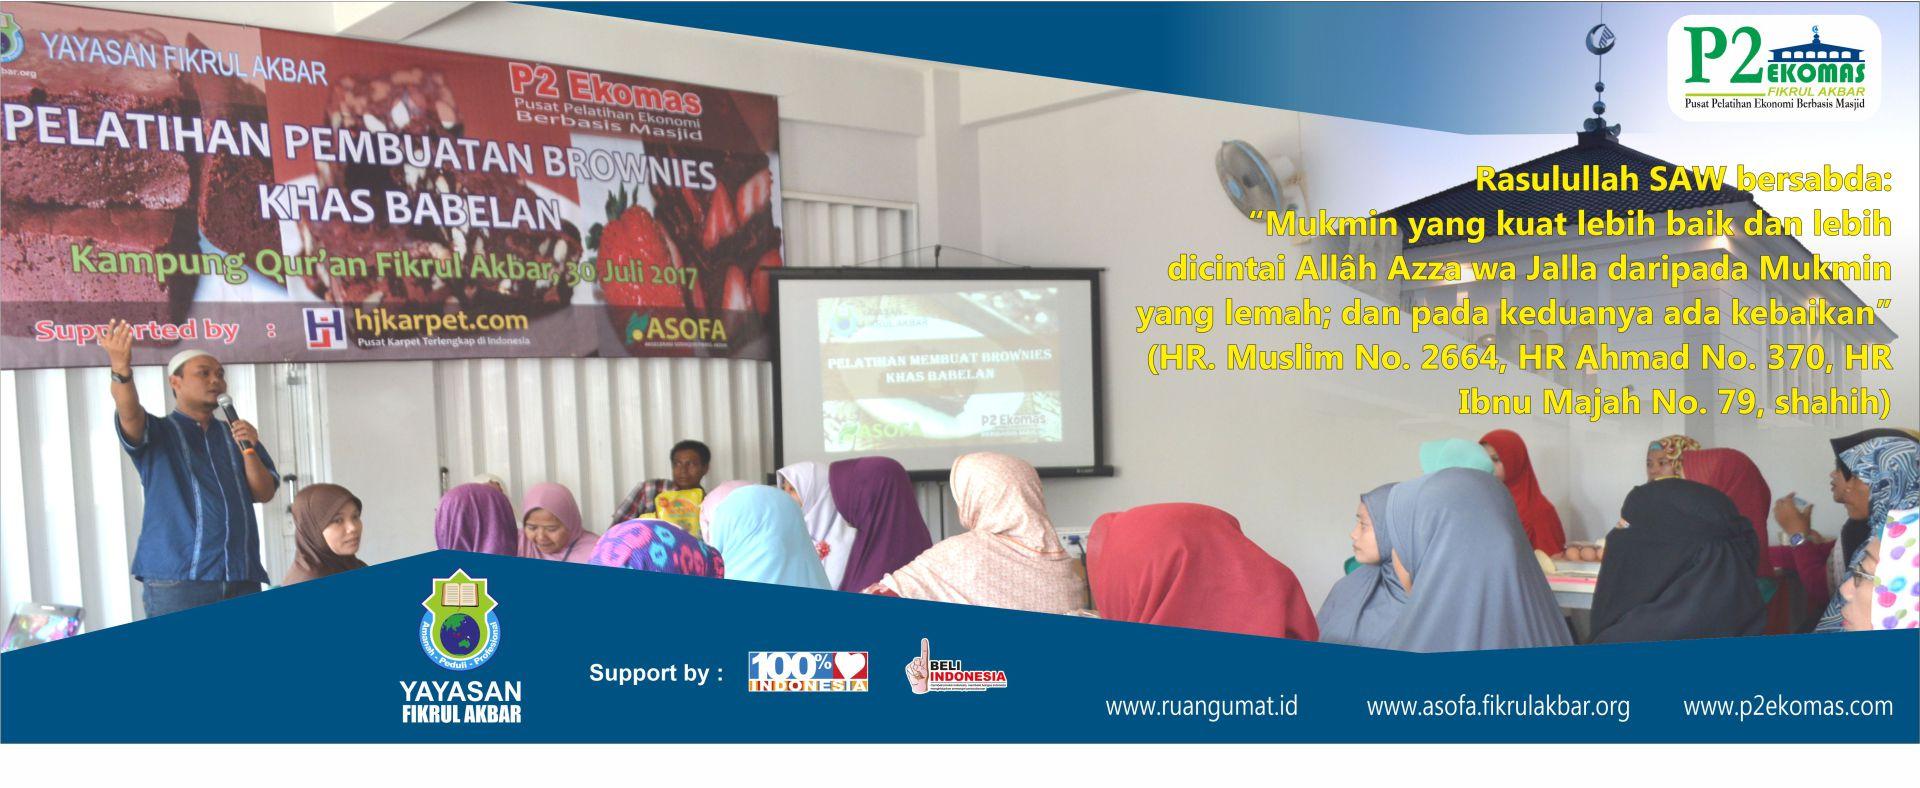 Yayasan Fikrul Akbar